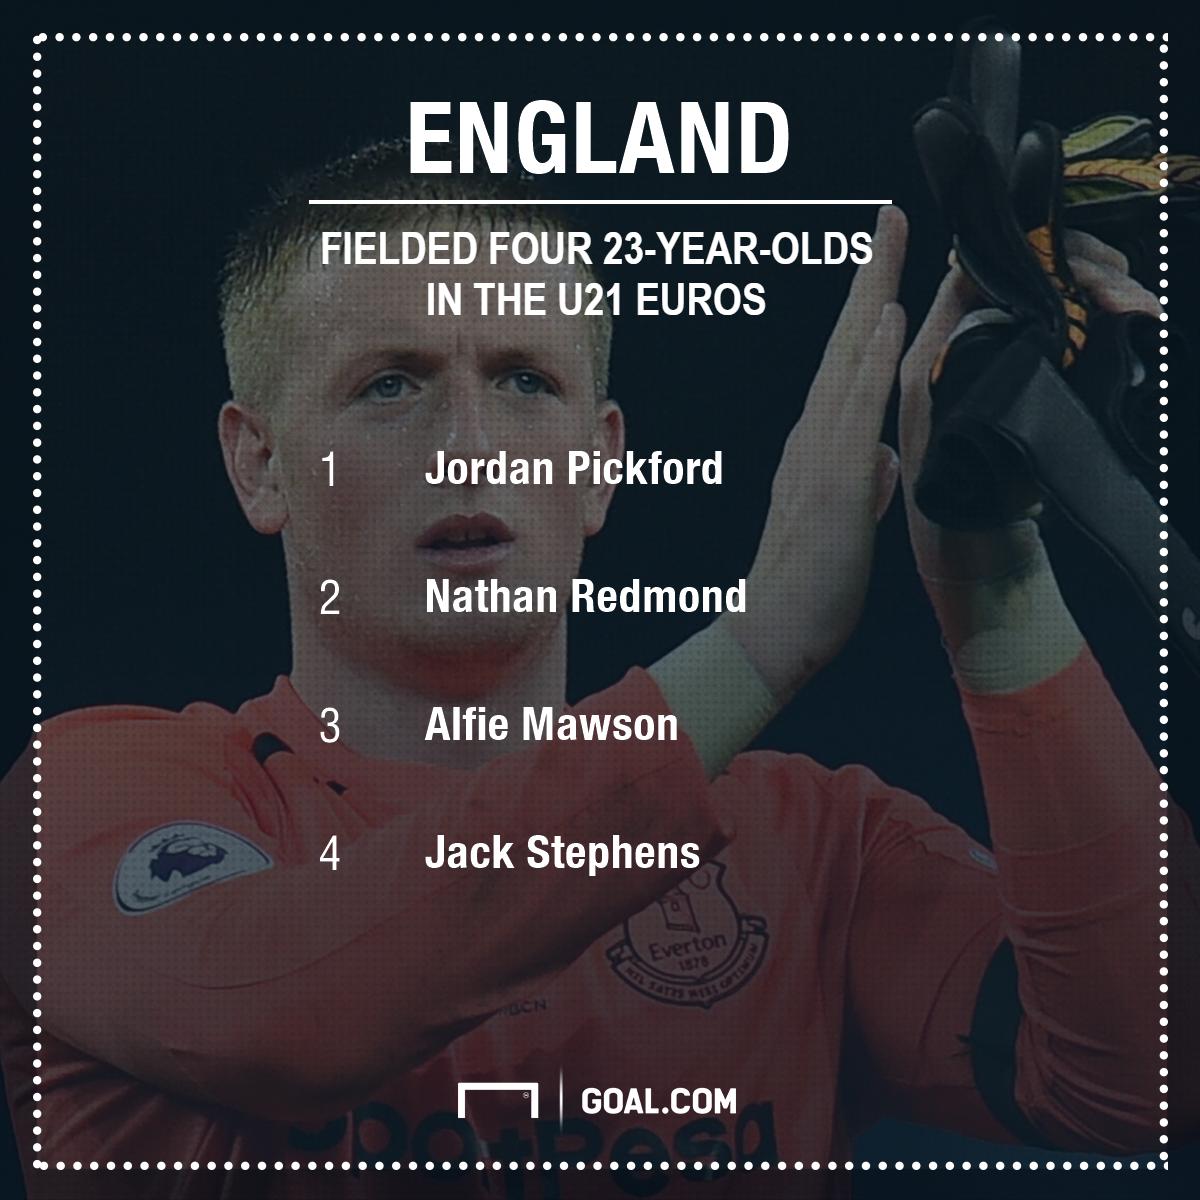 GFX England U21 Euros